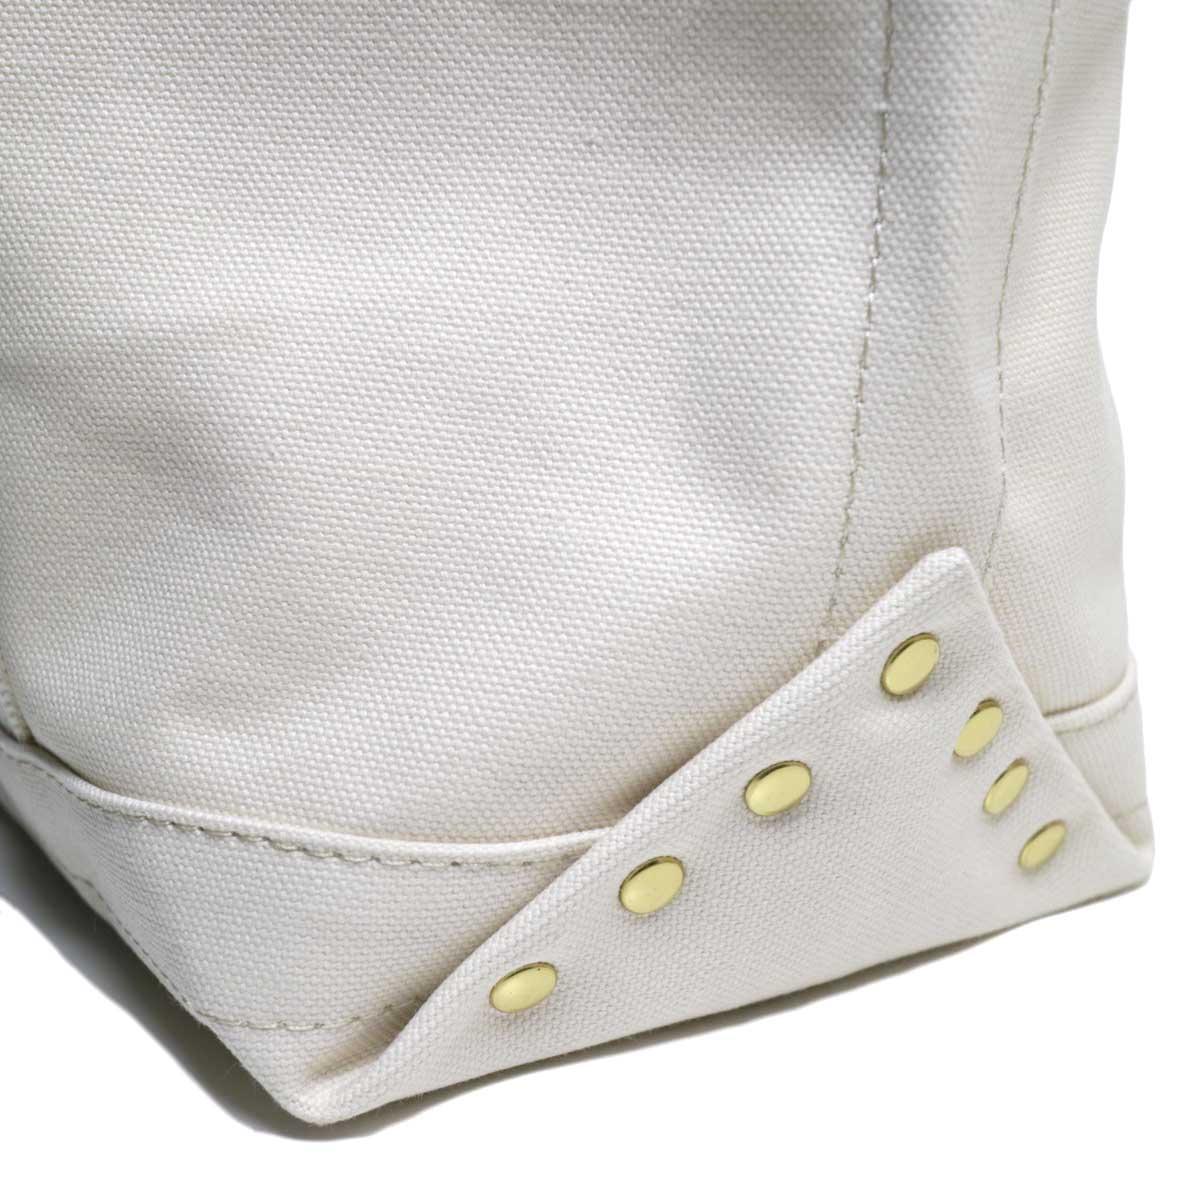 MASTER & Co. / RAILMAN BAG (White S) リベット